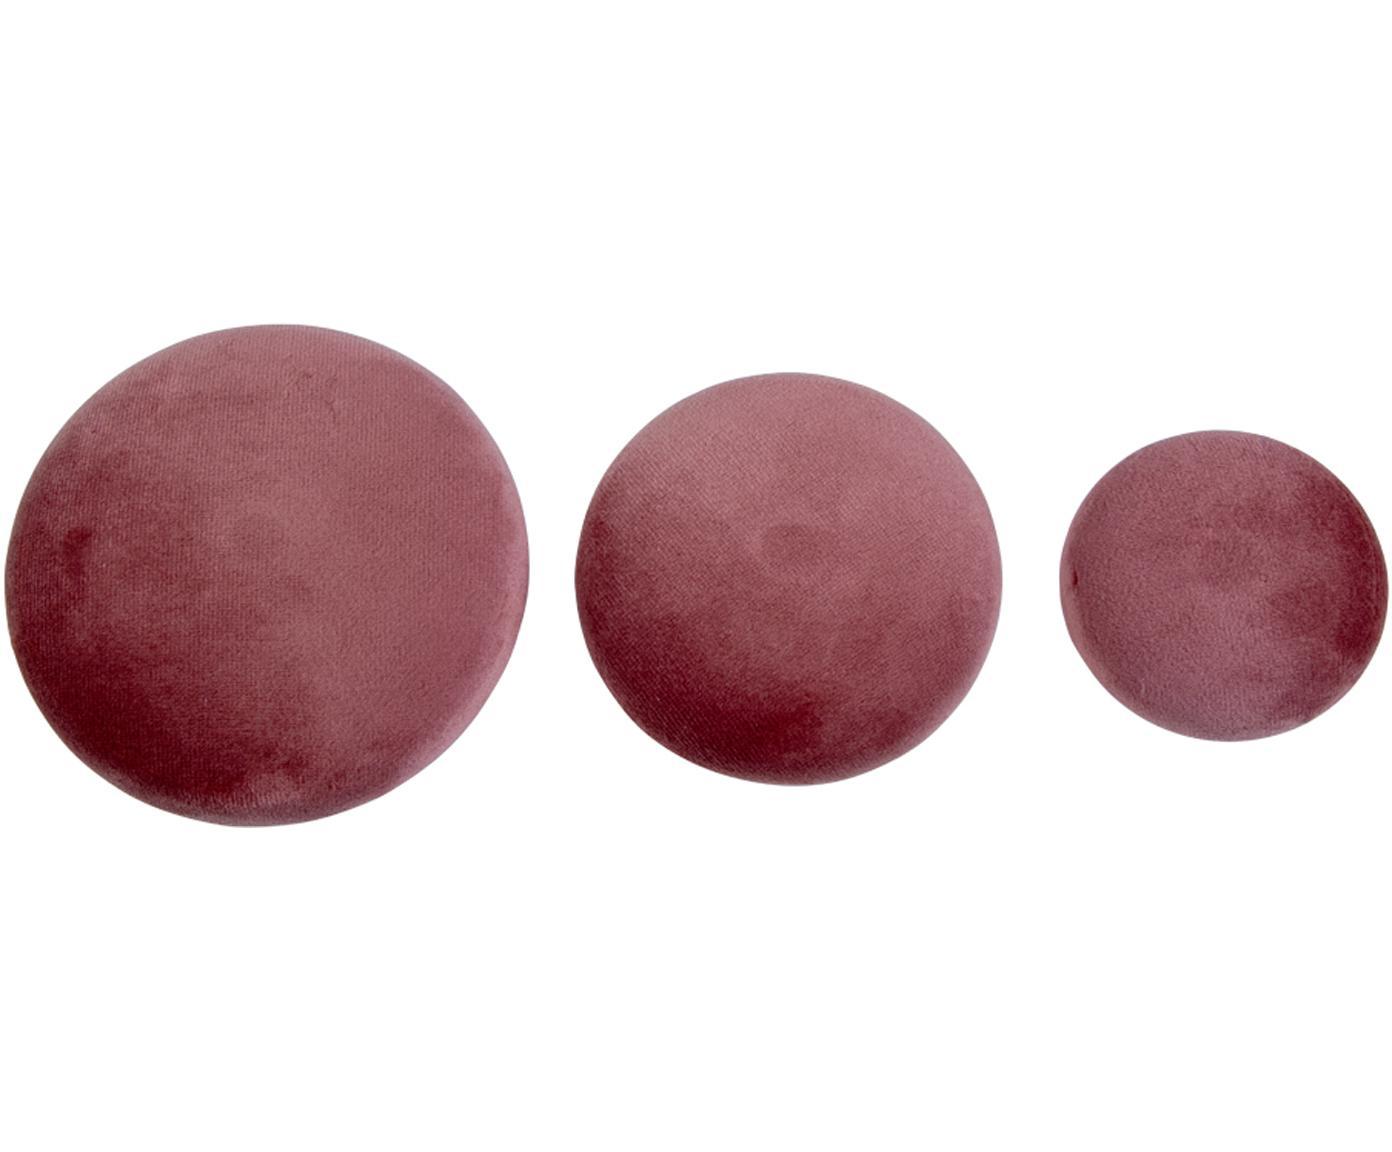 Samt-Haken-Set Giza, 3-tlg., Front: Samt, Rosa, Messingfarben, Verschiedene Grössen